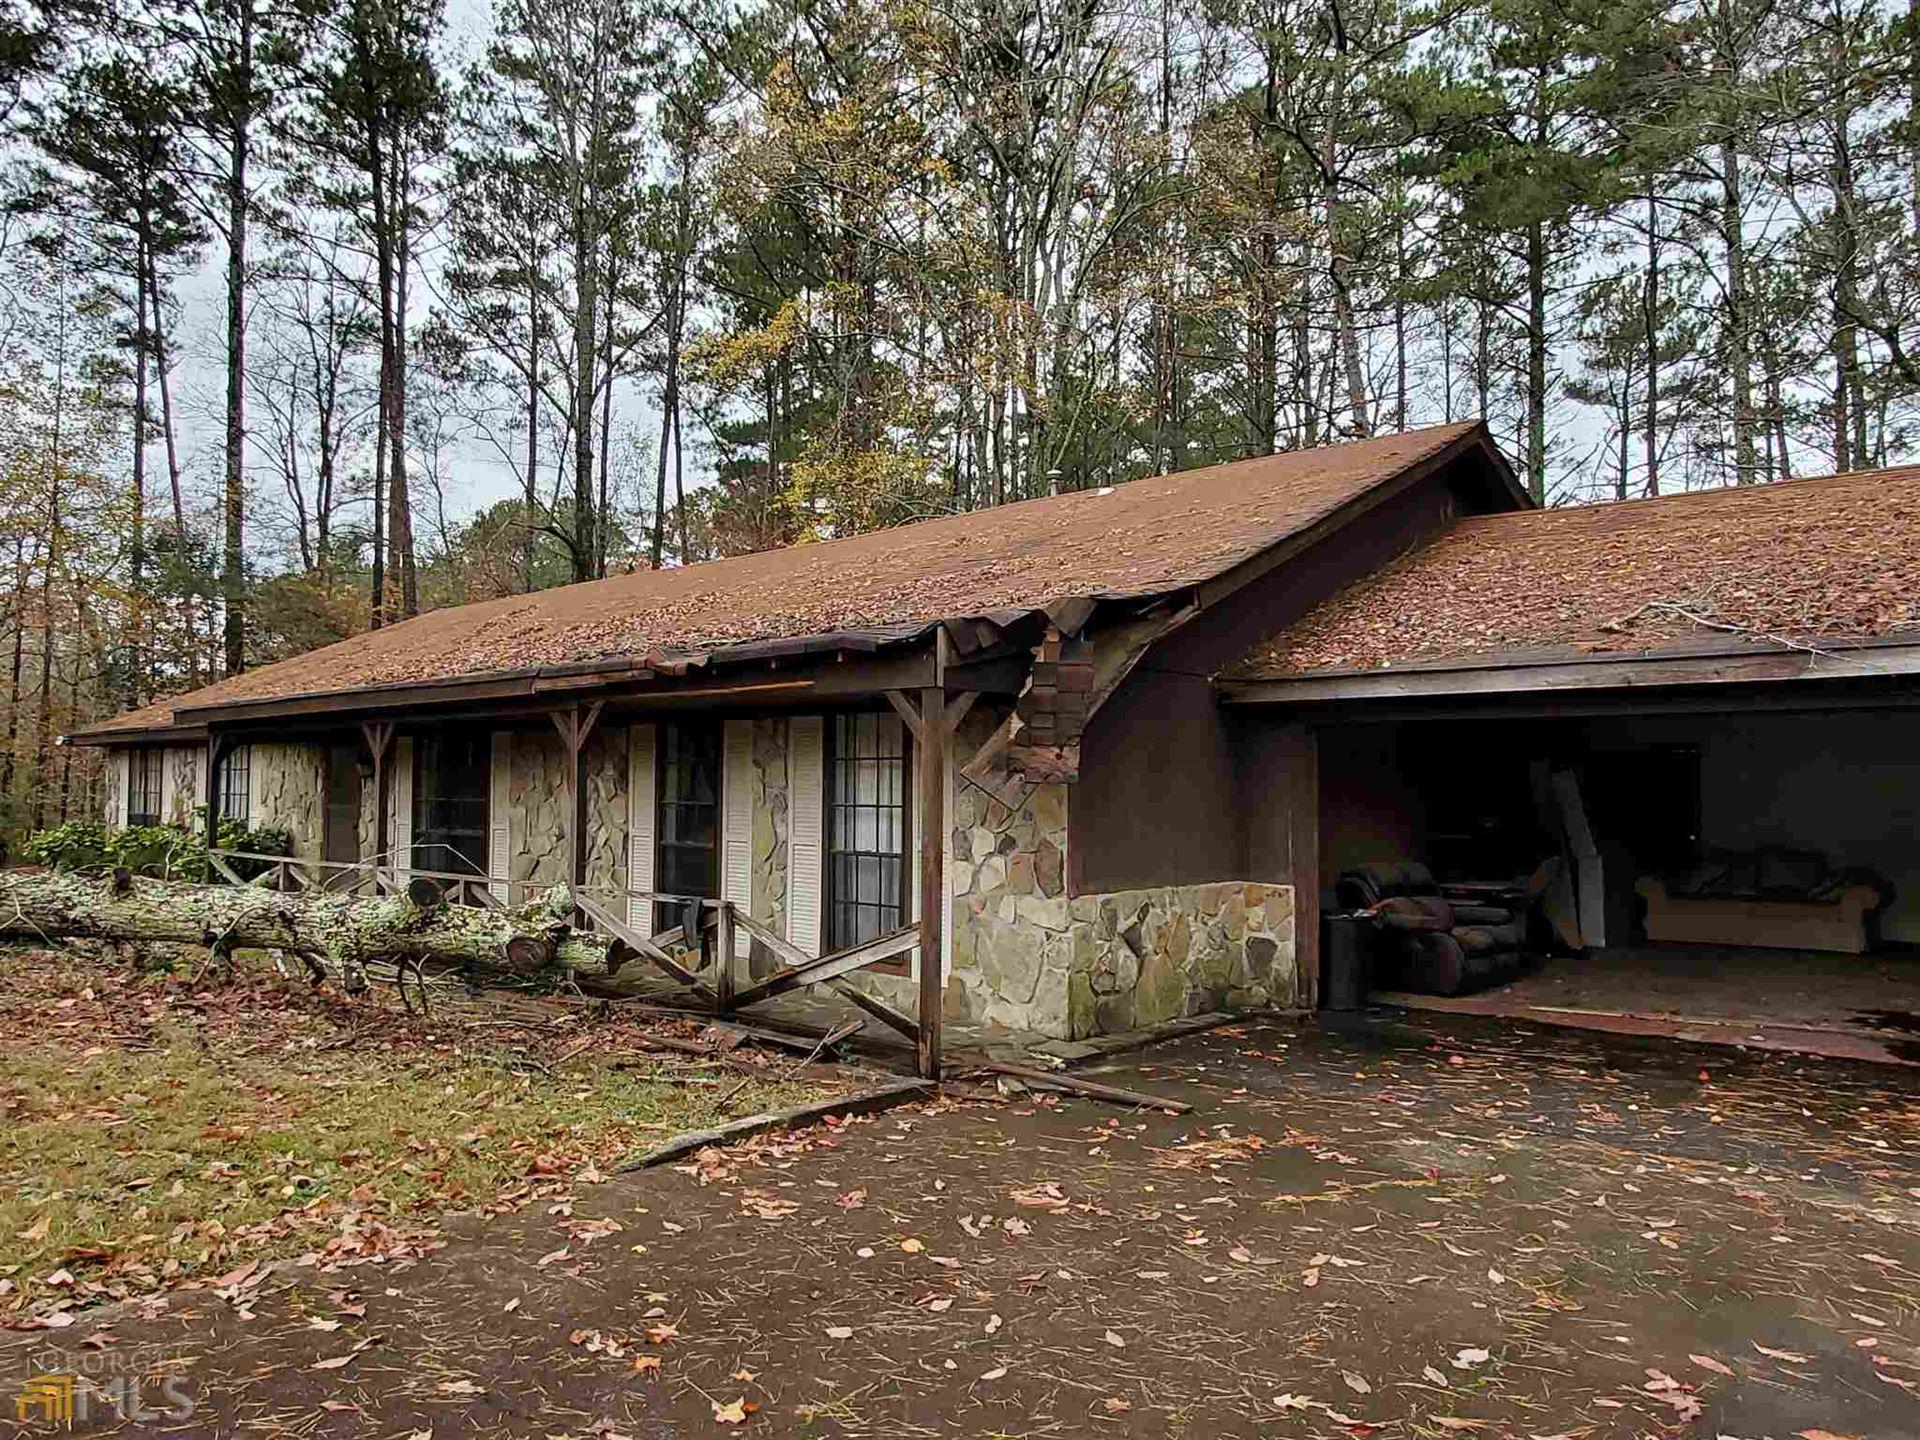 105 Old Mackey Rd, Woodstock, GA 30189 - #: 8893804